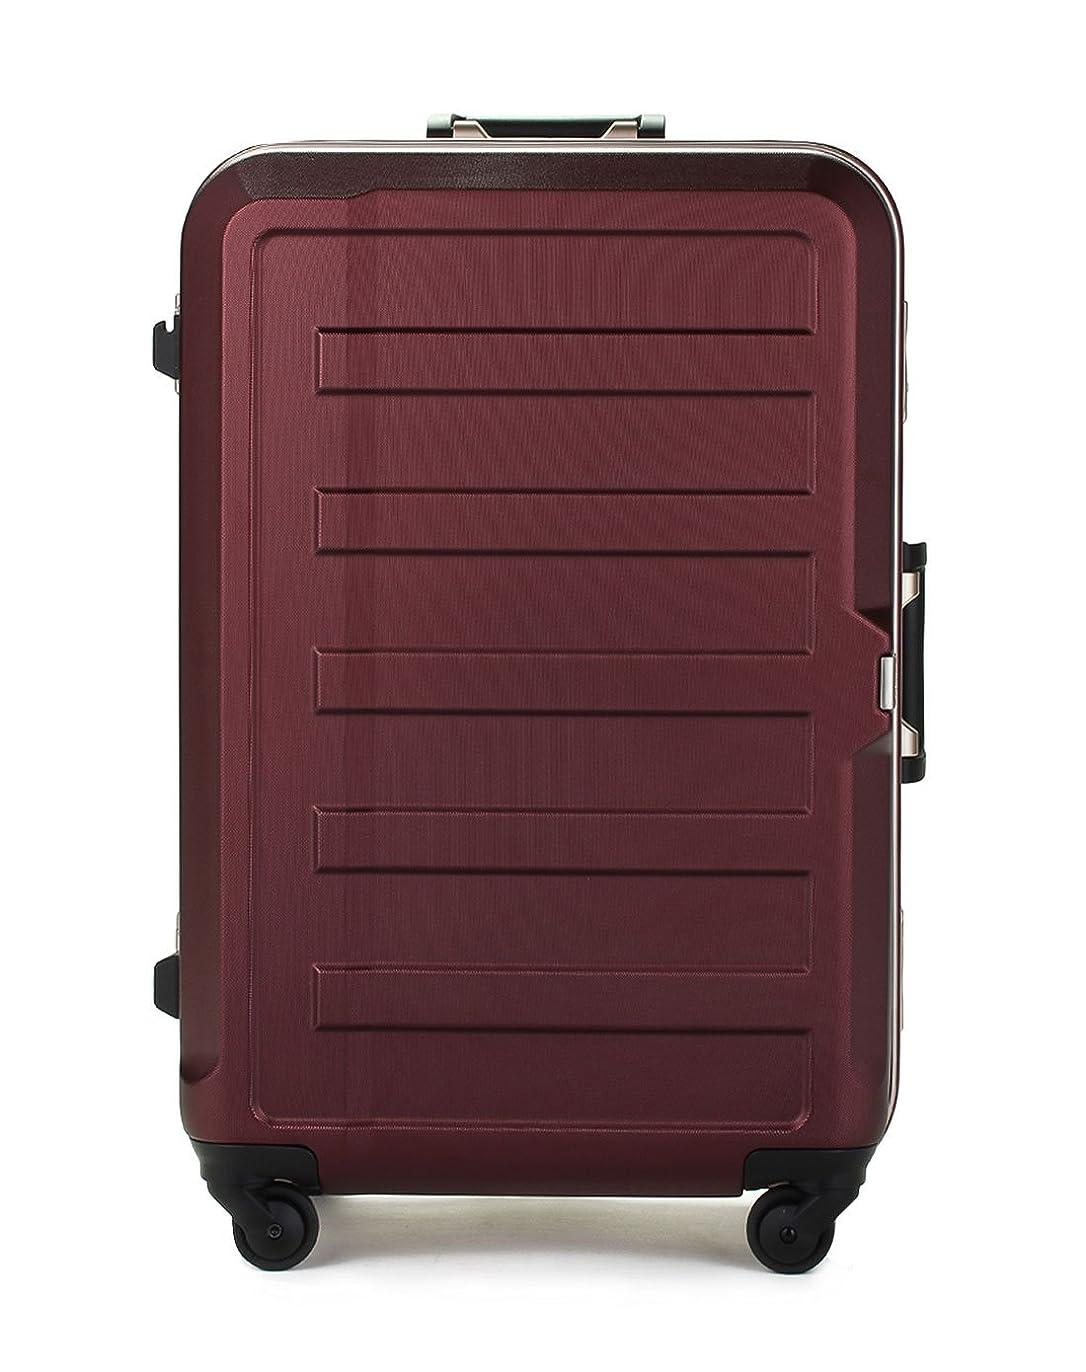 クラブあからさま待つ[レジェンドウォーカー] スーツケース フレーム ハードスーツケース 4輪 消音/静音キャスター 5088-55 保証付 47L 61 cm 4.1kg